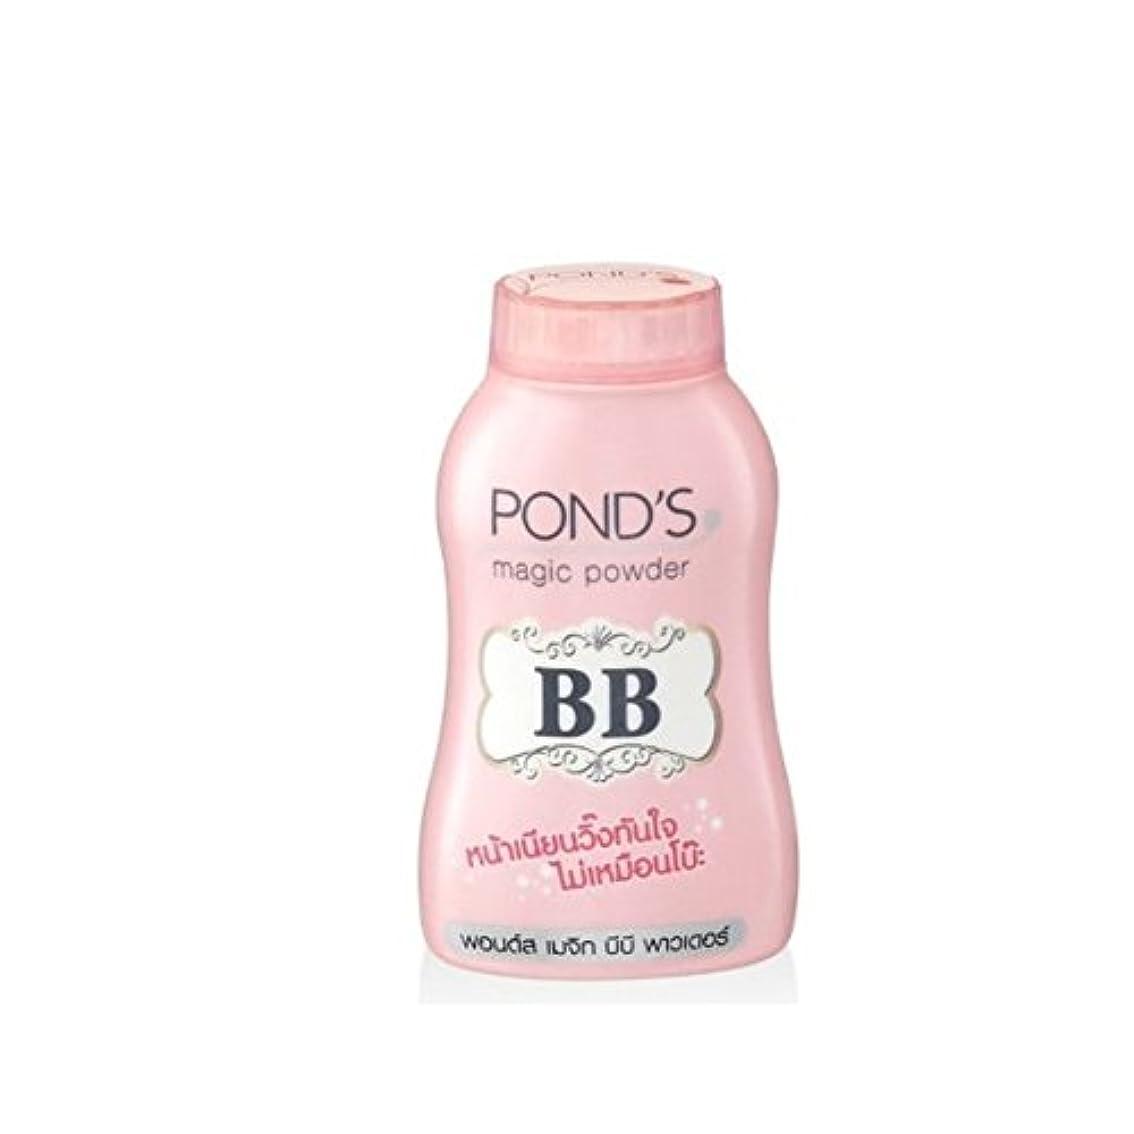 振動させる徹底征服者POND's Magic BB Pwder ポン酢マジック?パウダー50g 2 pack (並行輸入品)